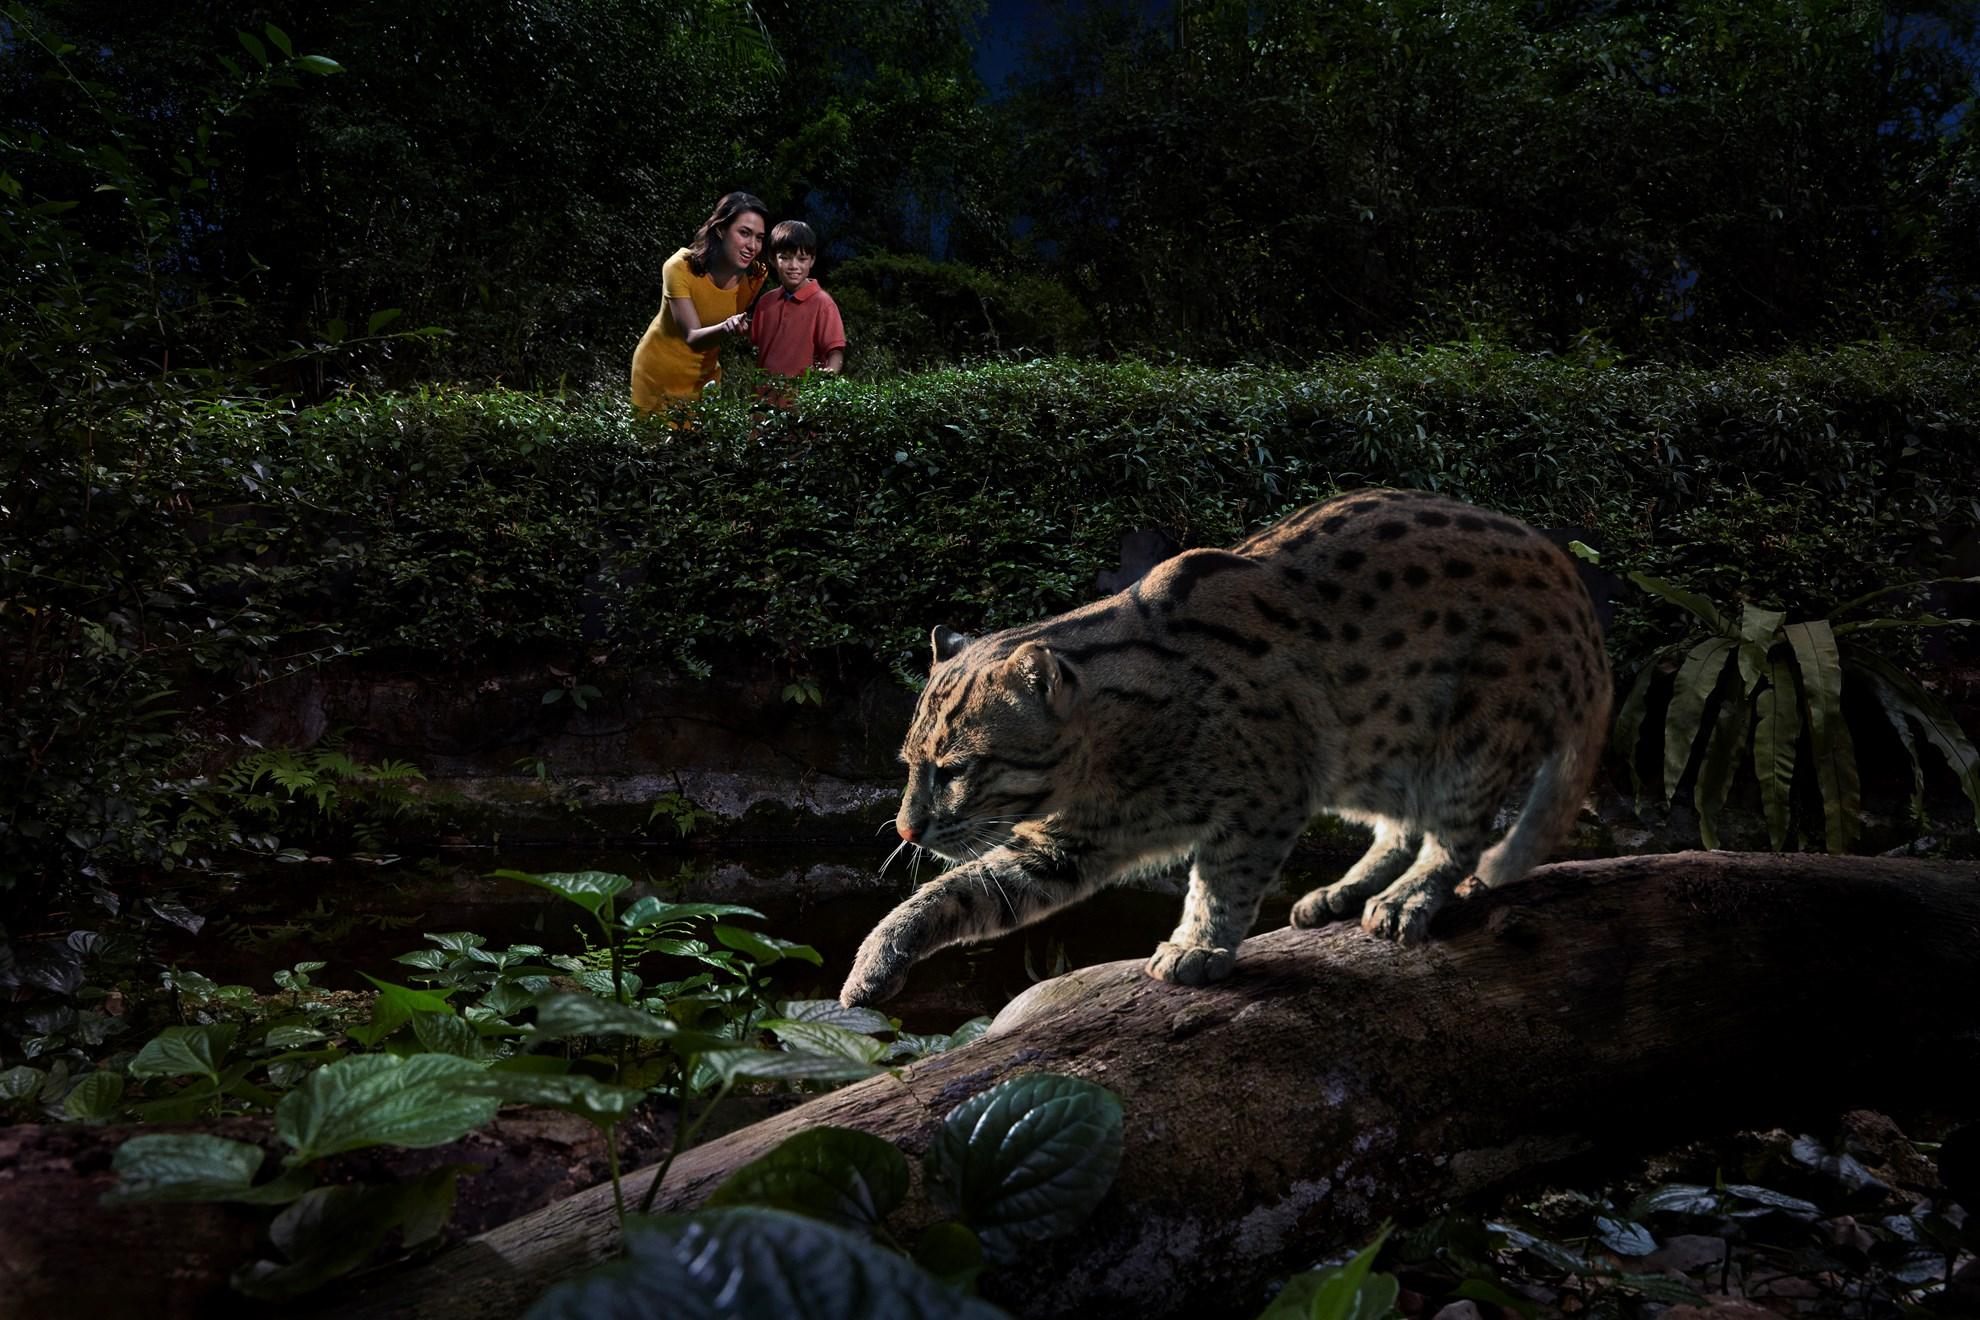 COMBO: Vé Night Safari Singapore + Vé Singapore Zoo + Thẻ EZ-Link Singapore